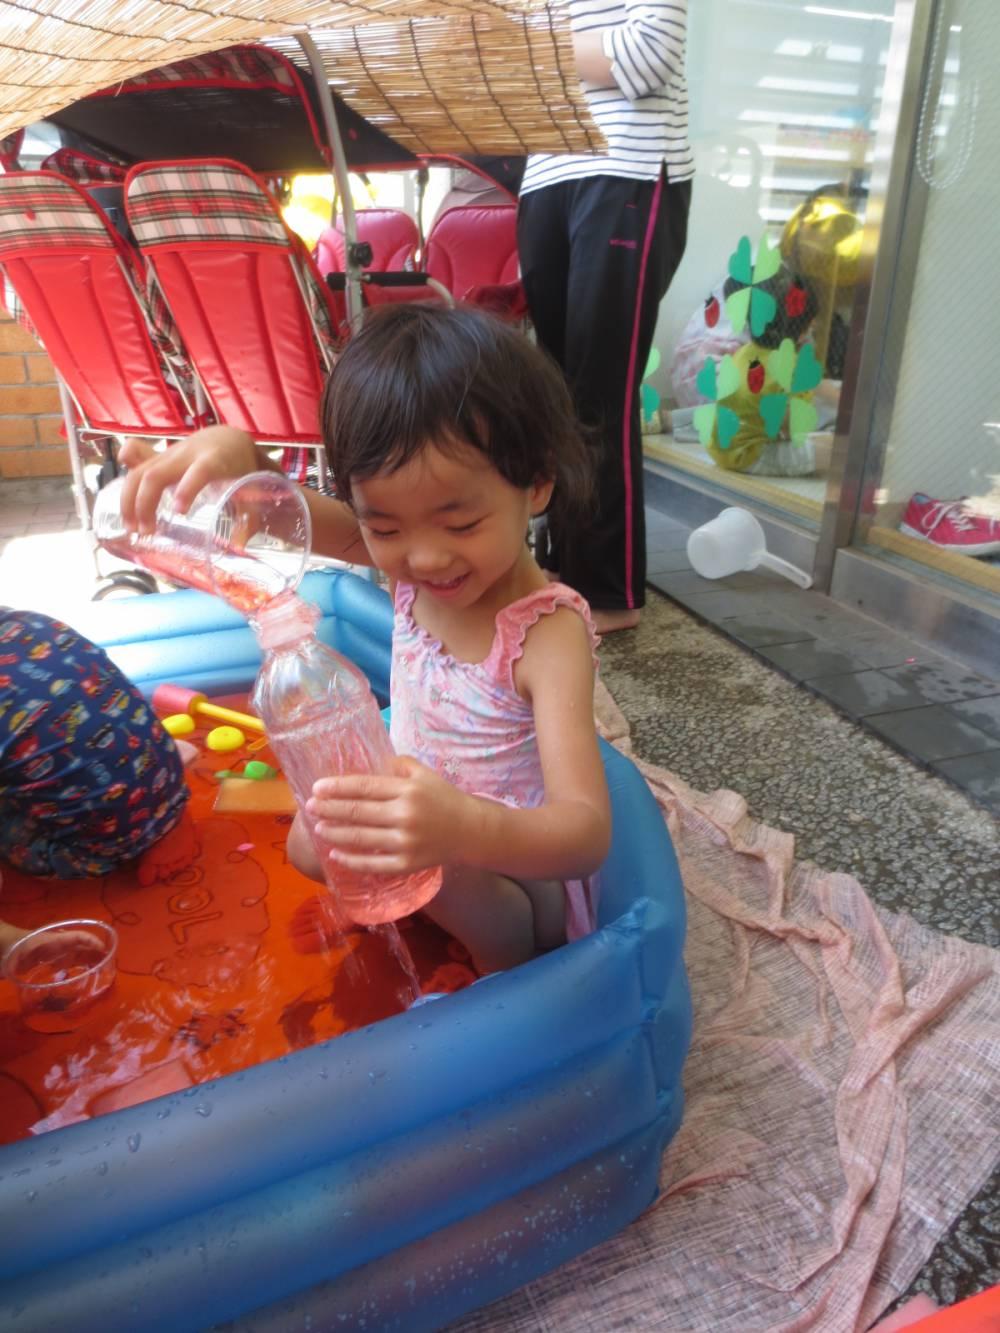 色水遊び楽しいね